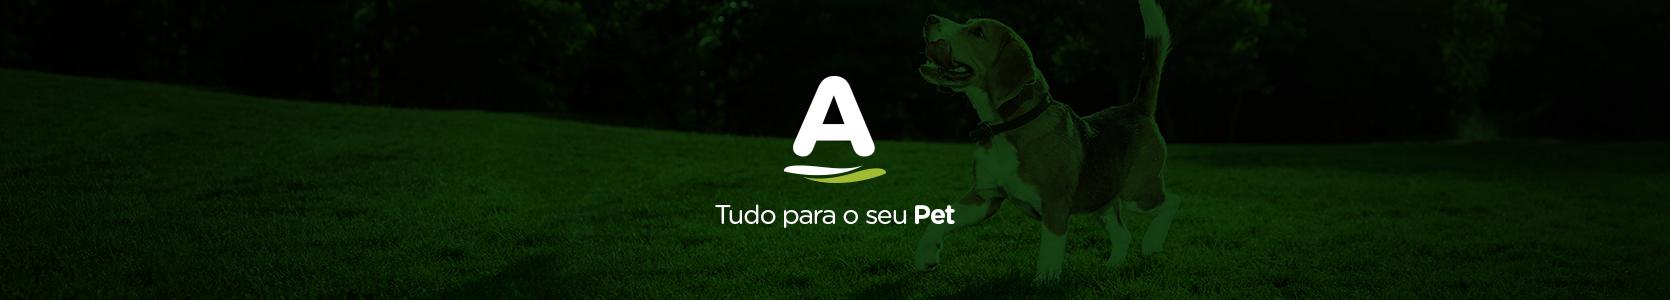 Banner categoria PetShop